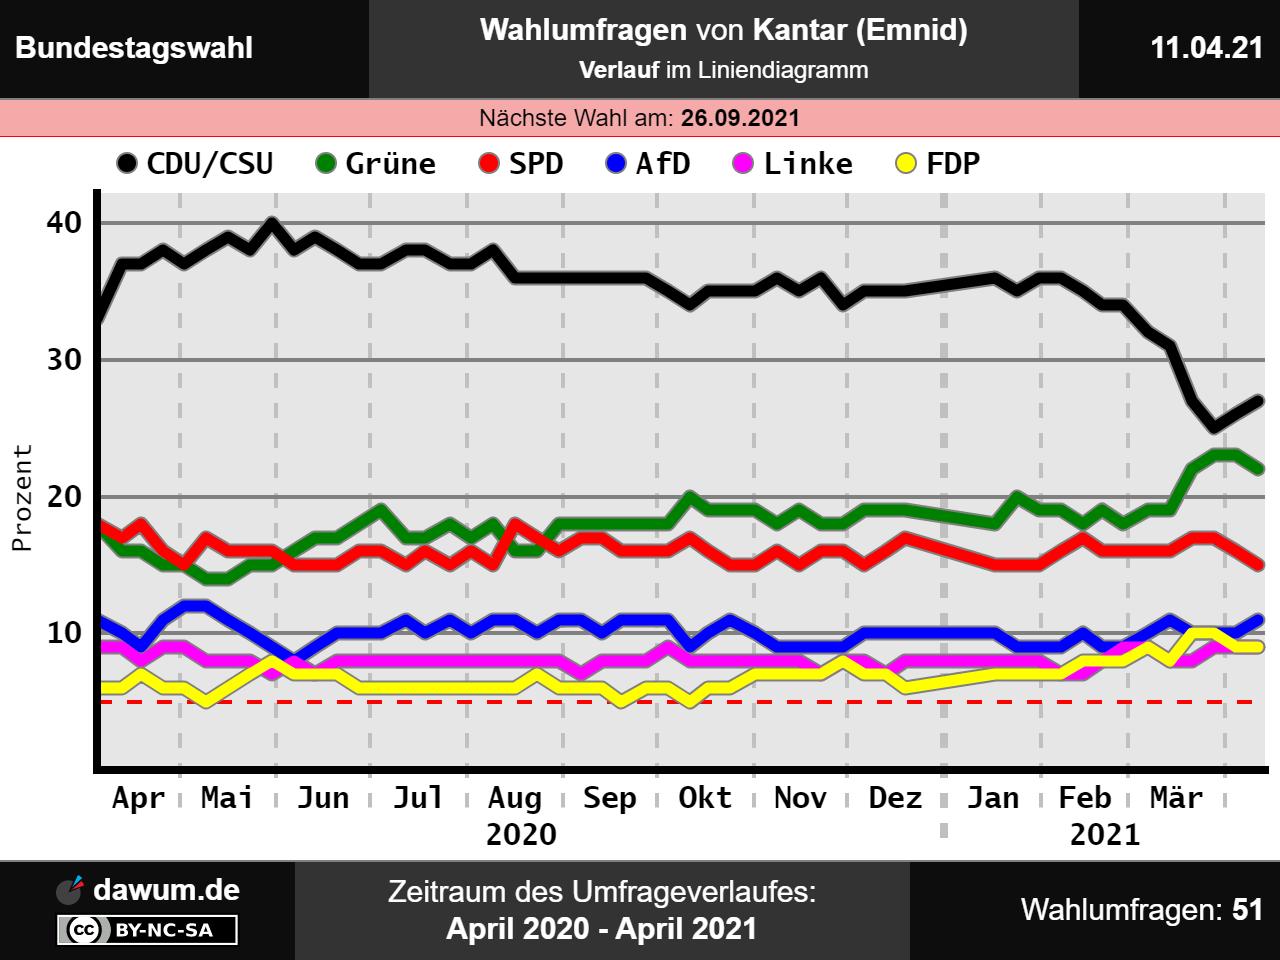 Bundestagswahl: Neueste Wahlumfrage von Kantar (Emnid) | Sonntagsfrage #btw21